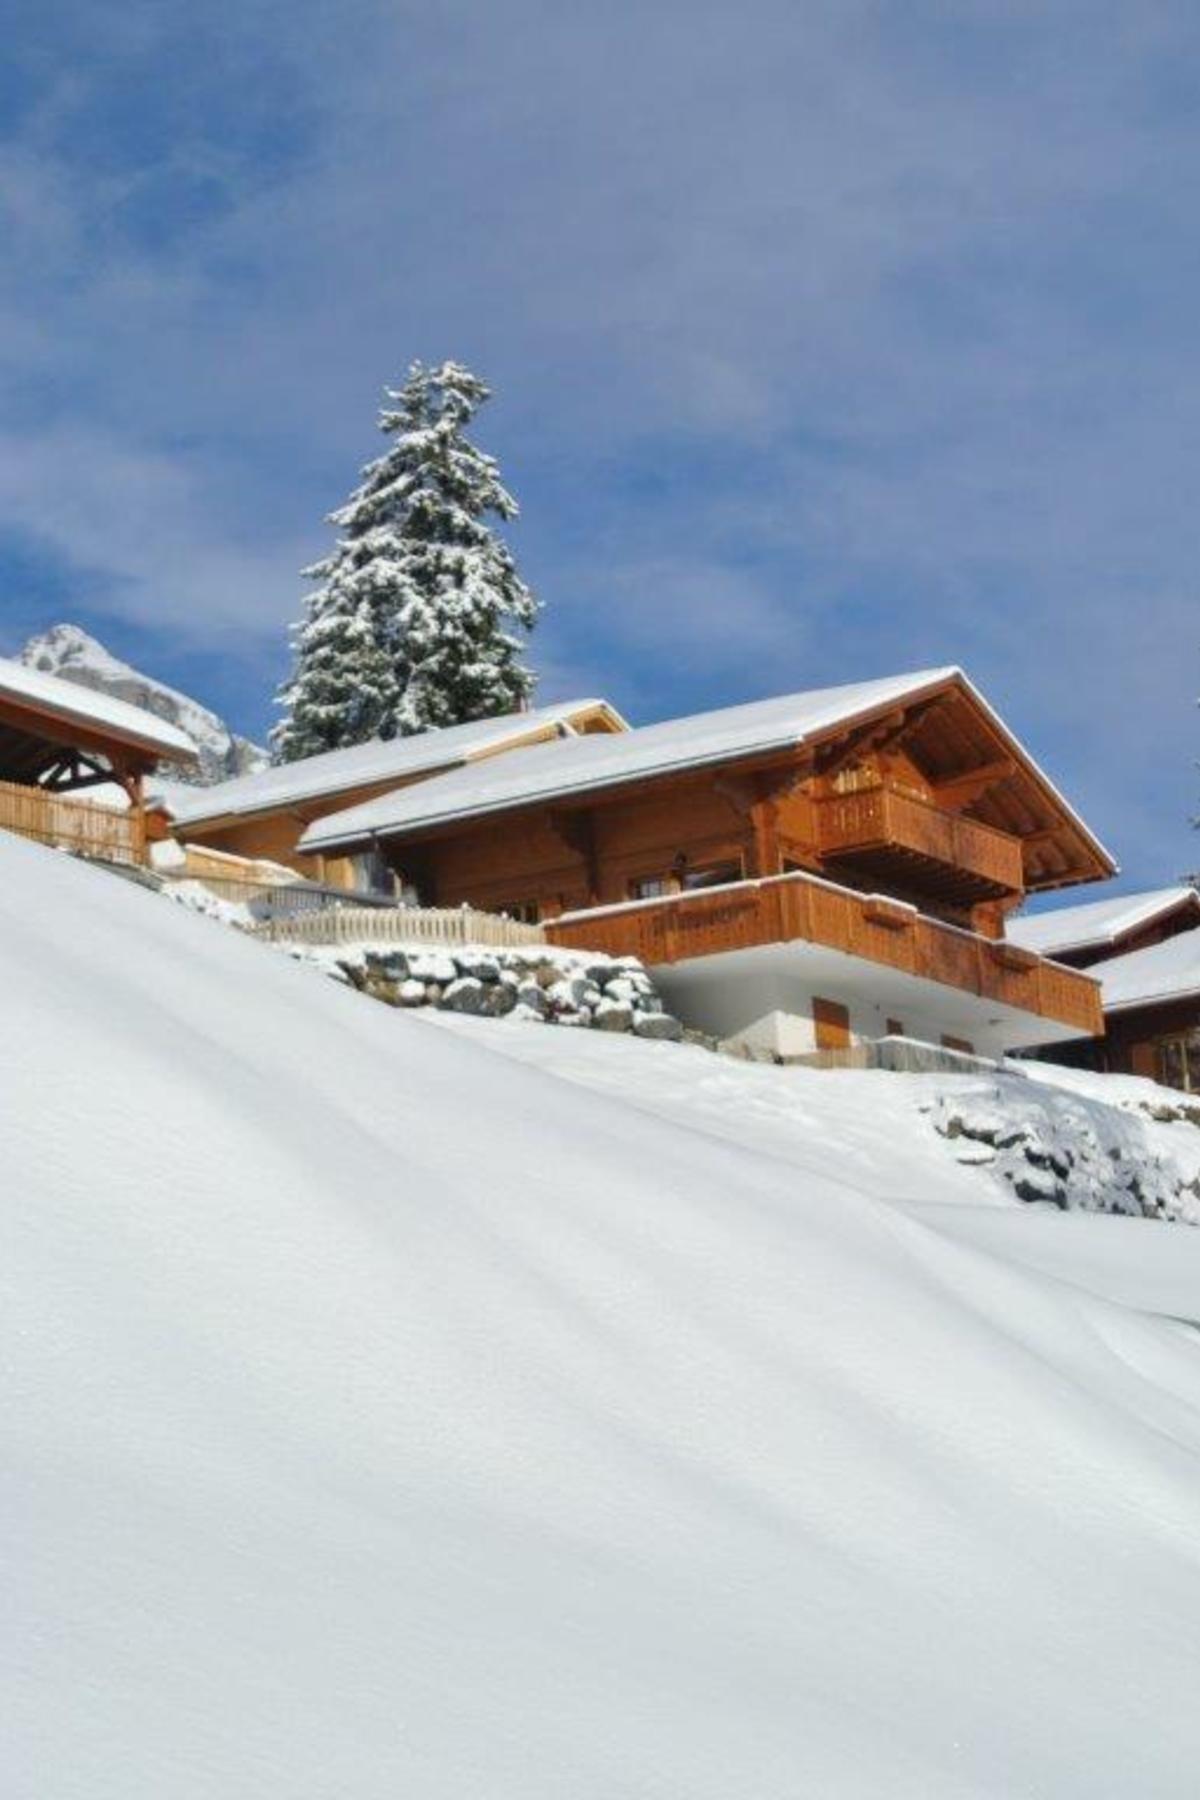 Частный односемейный дом для того Продажа на Chalet Alina Route d'Essert d'Amont 12 Leysin, Во, 1854 Швейцария